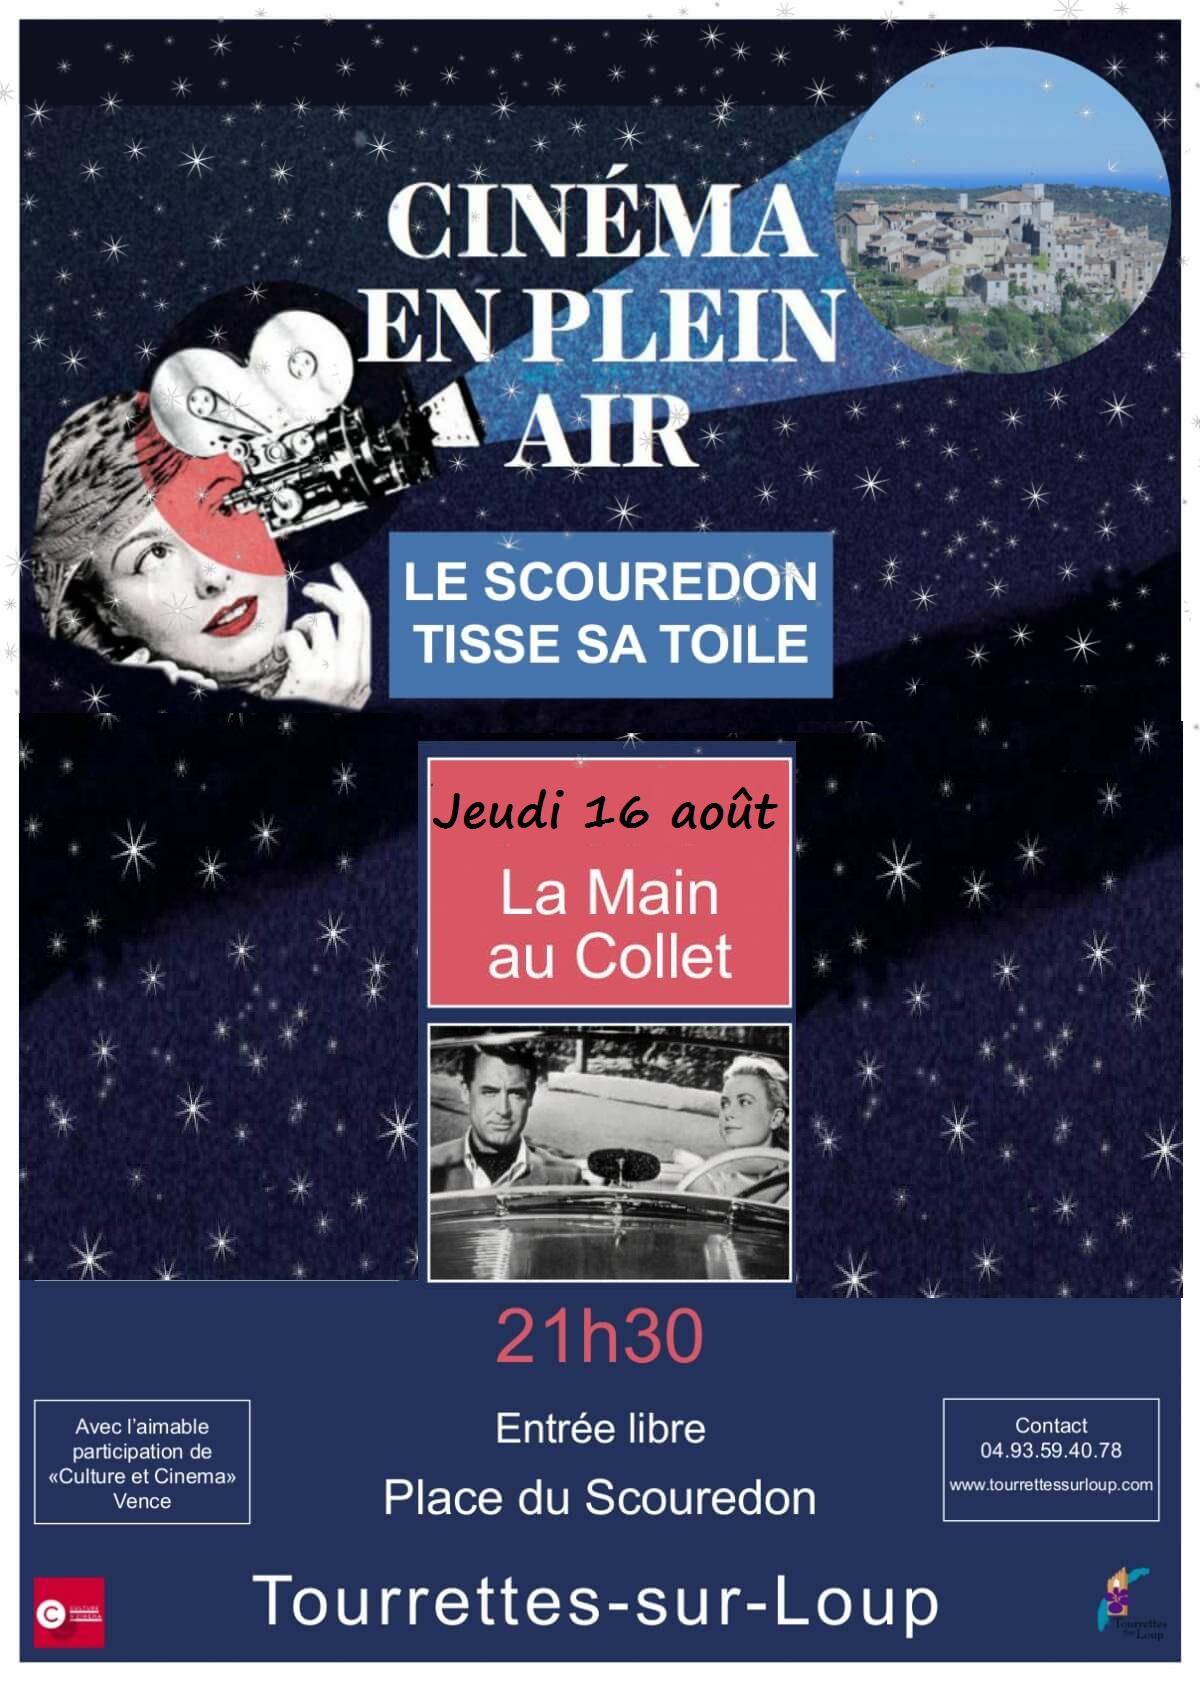 2018 08 Cinéma Plein Air 2